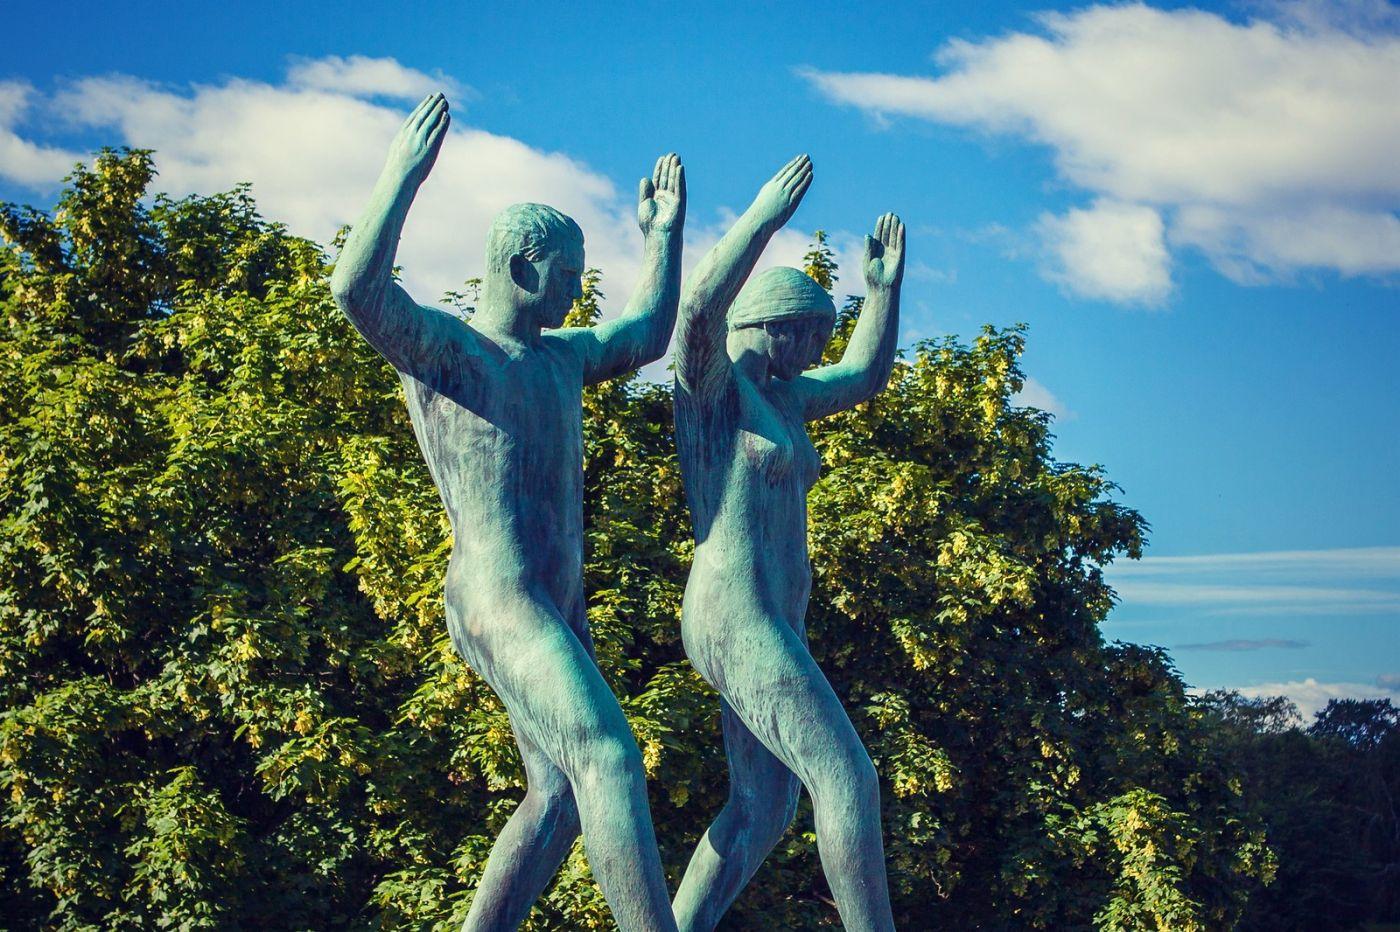 挪威维格兰雕塑公园,风格明显_图1-36